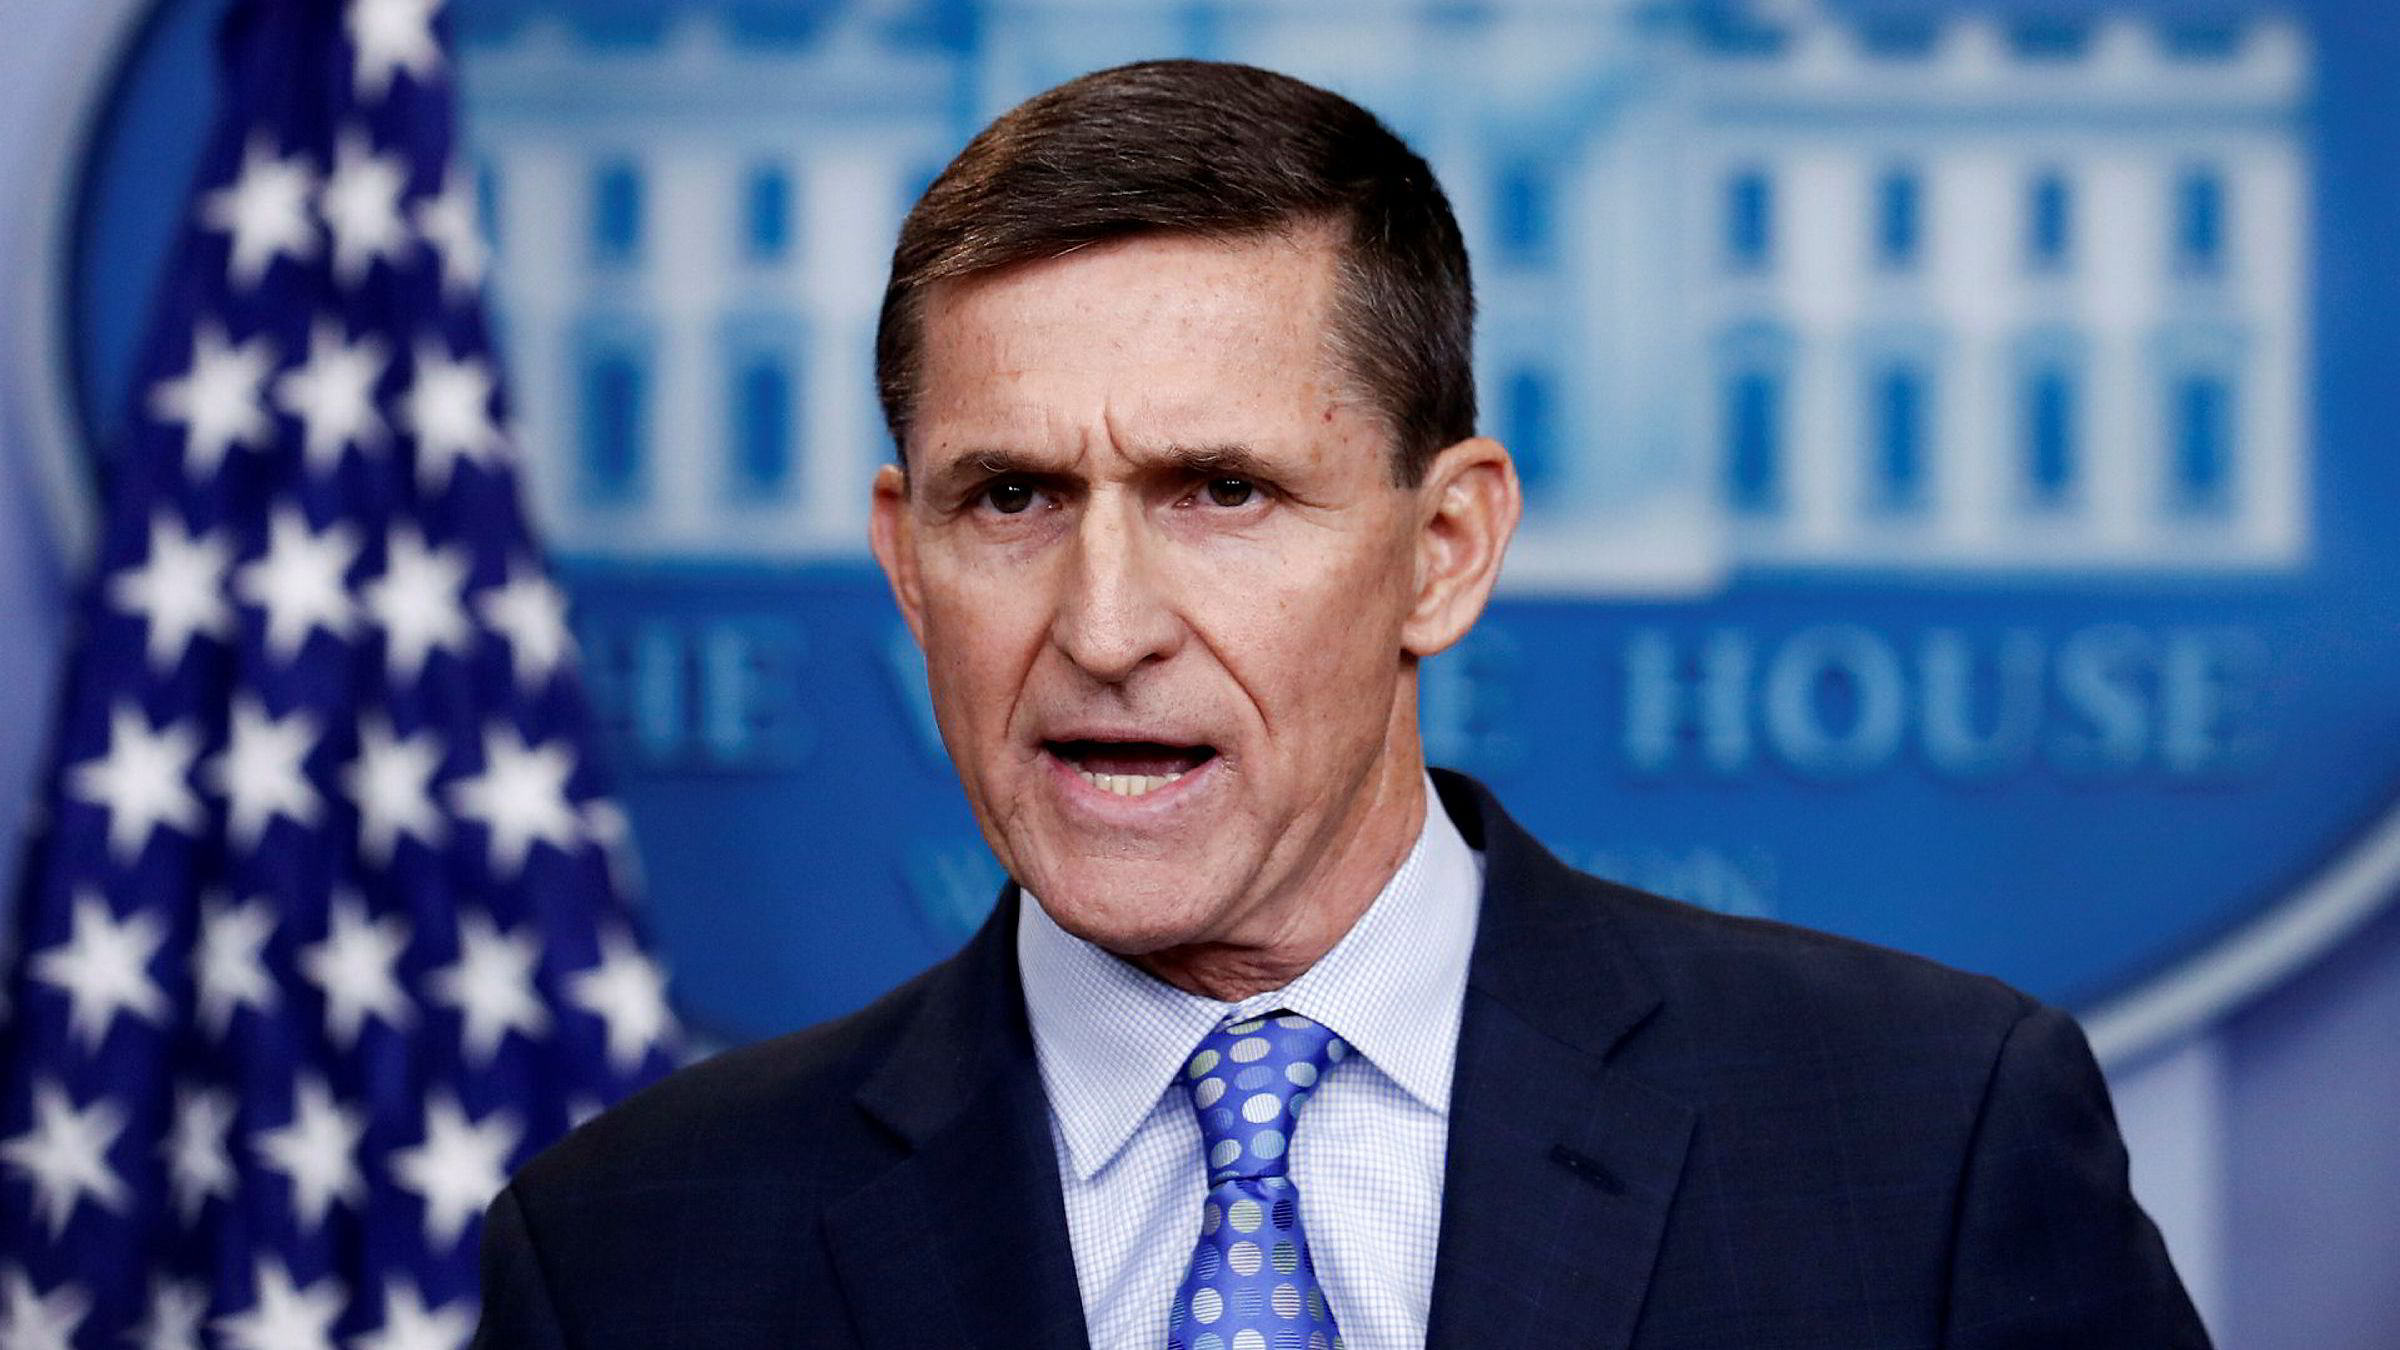 Nasjonal sikkerhetsrådgiver Michael Flynn har trukket seg.